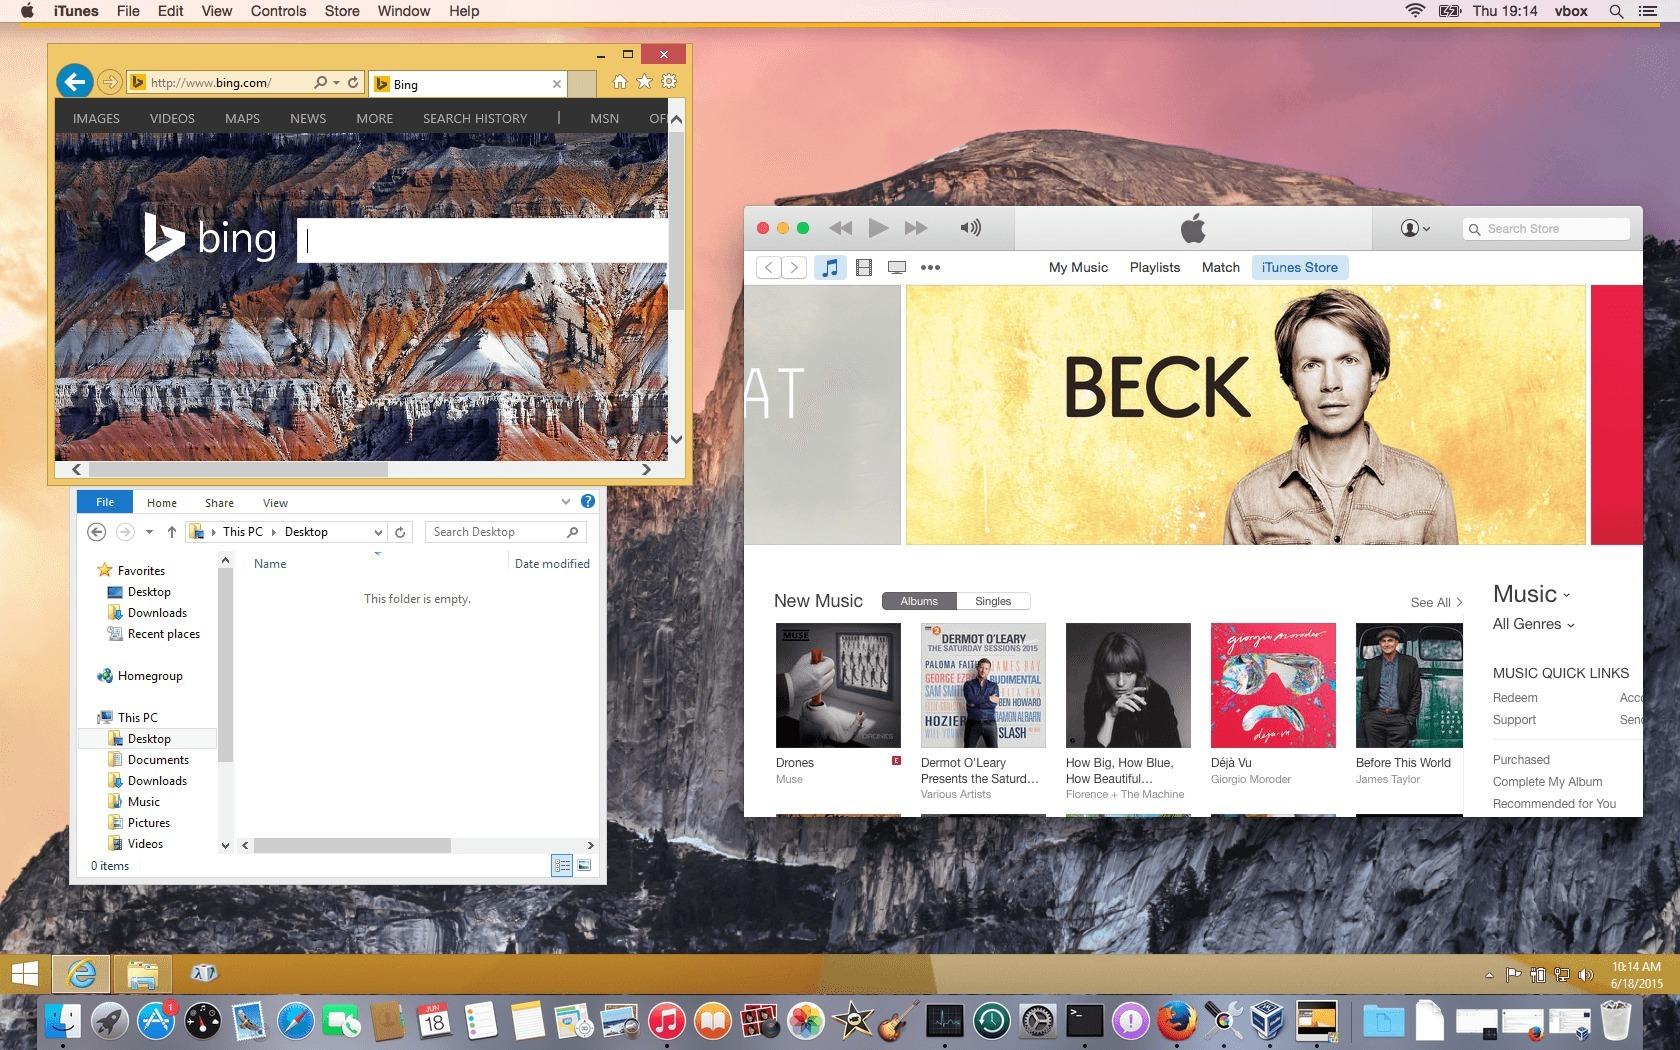 VirtualBox 6.0.12 - Mac上免费的 Windows 虚拟机下载